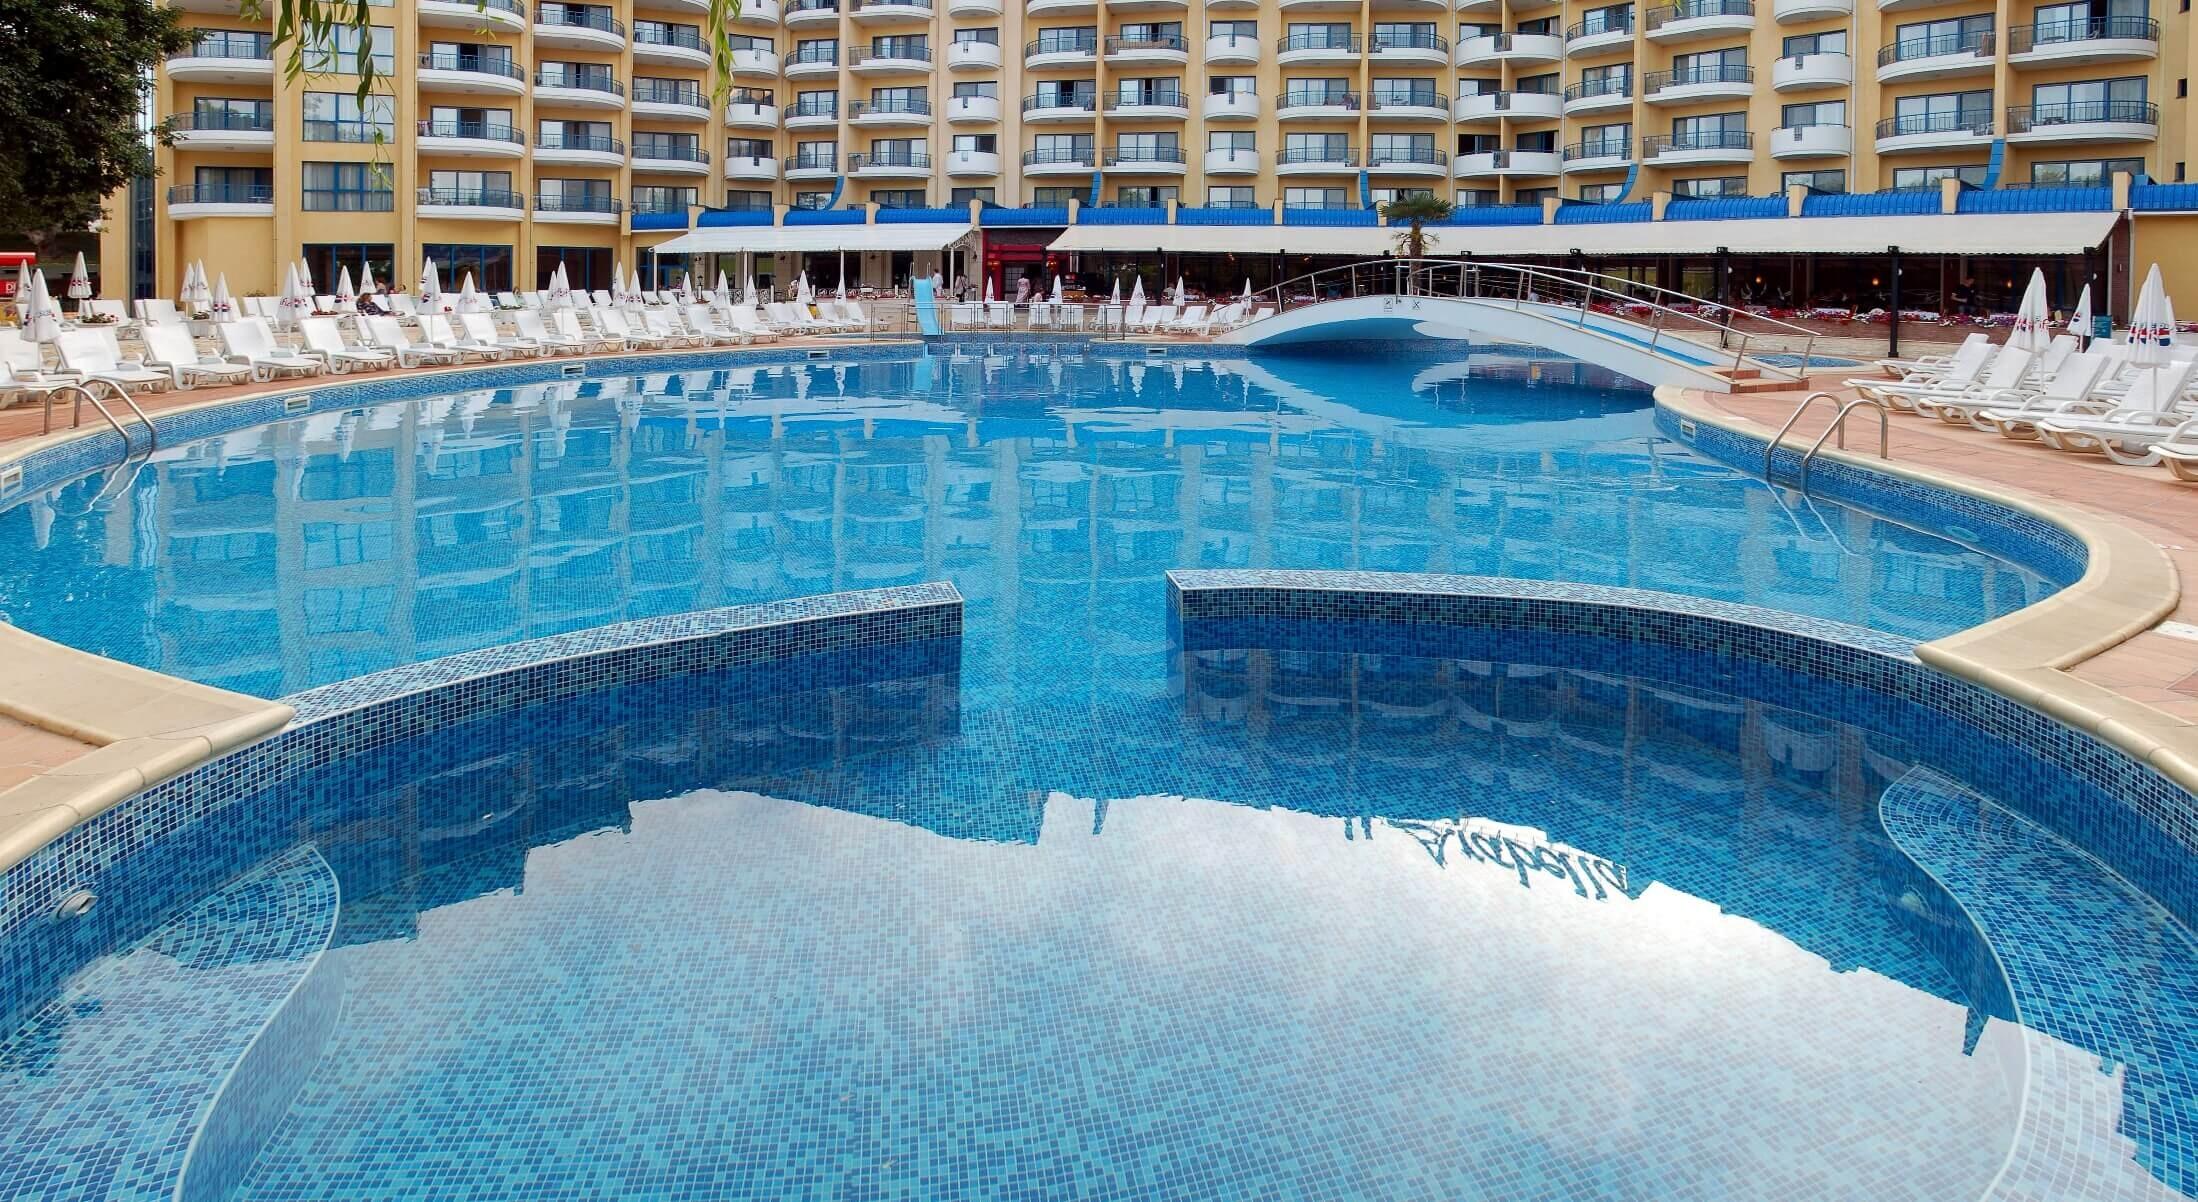 Грифид Хотел Арабела - басейн